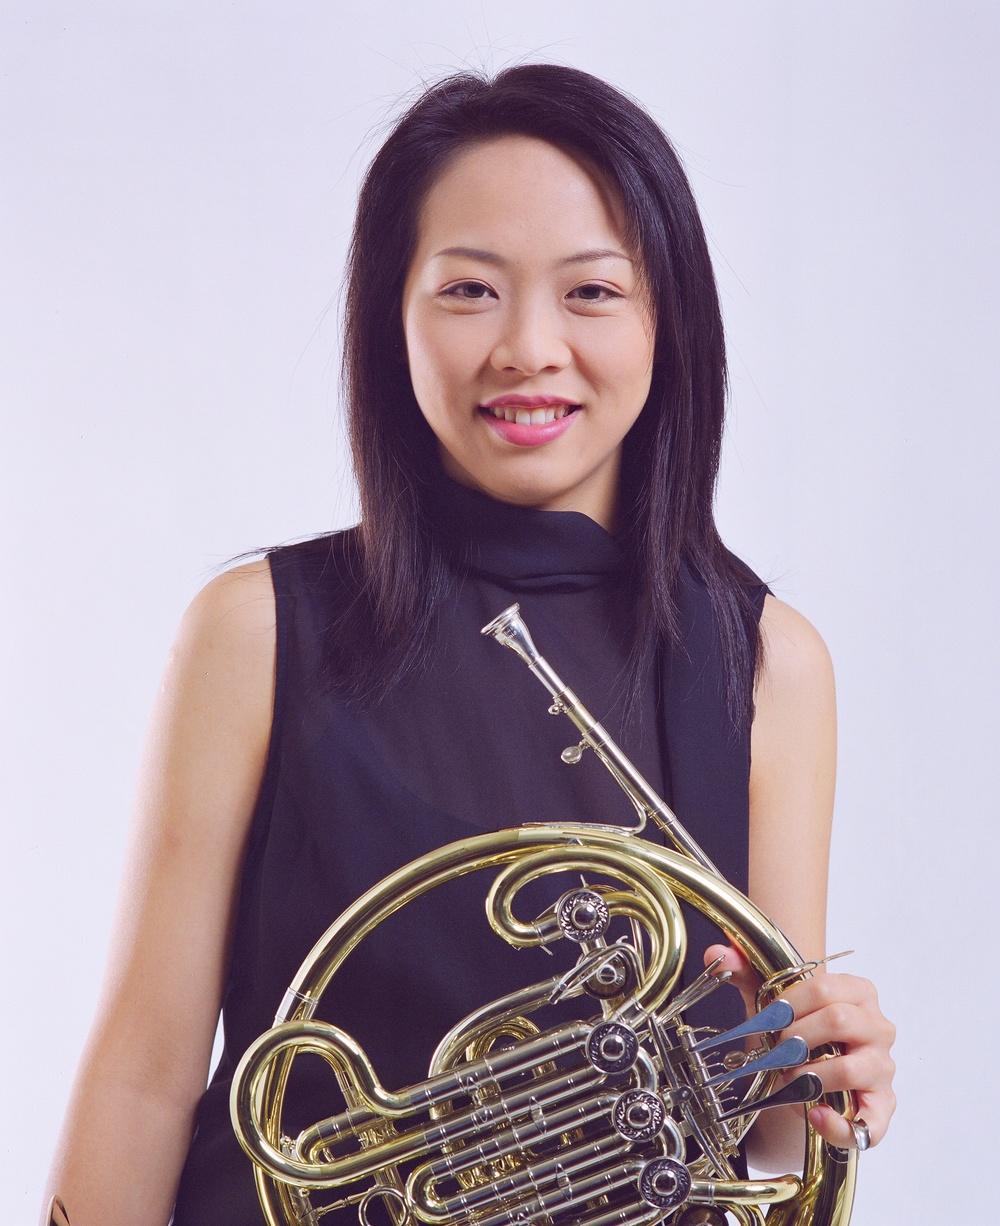 Yu-Ting Su